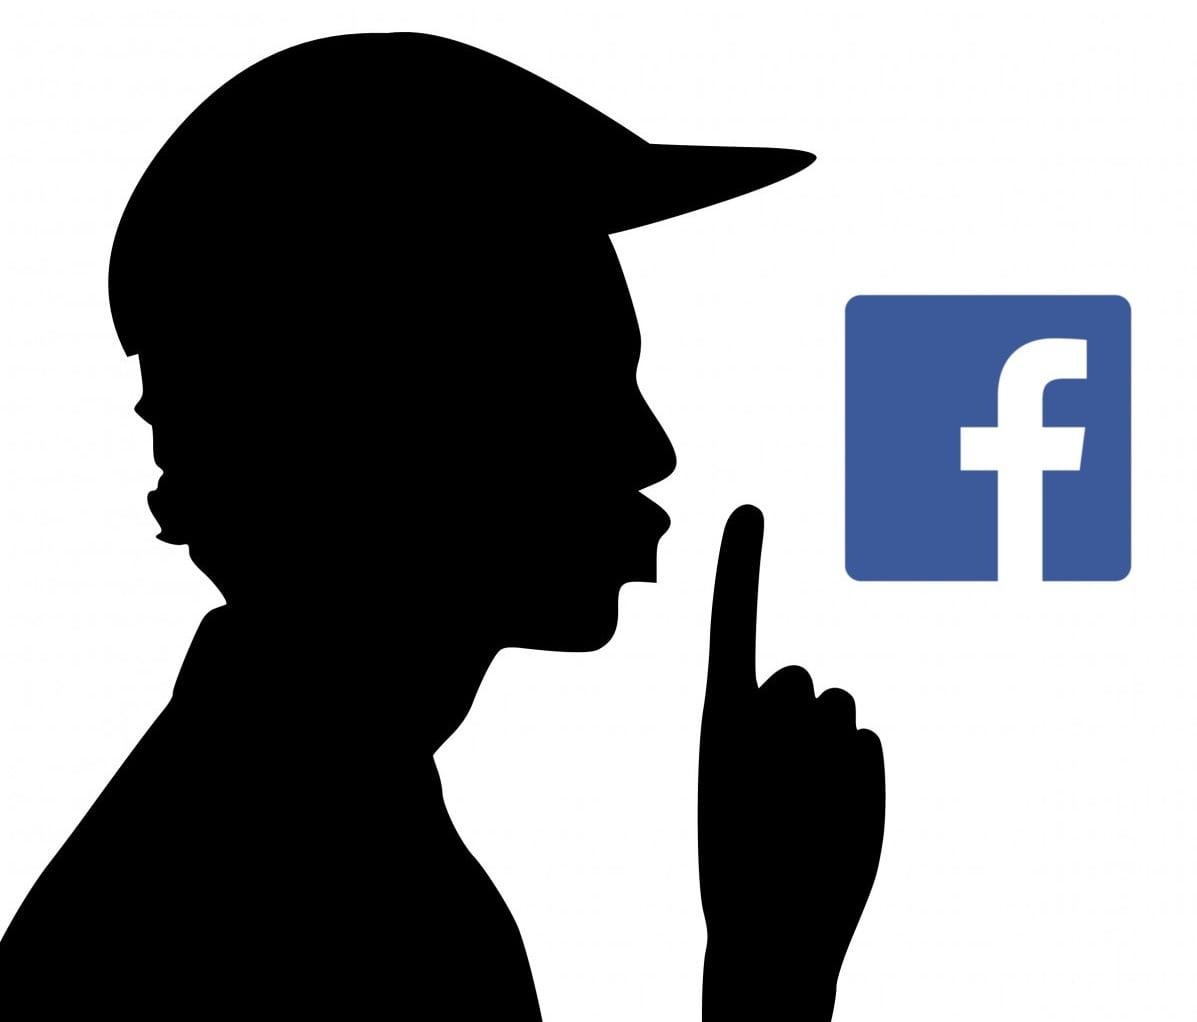 Facebook niby gwarantuje bezpieczeństwo za pomocą weryfikacji dwuetapowej, ale tylko na swoich warunkach